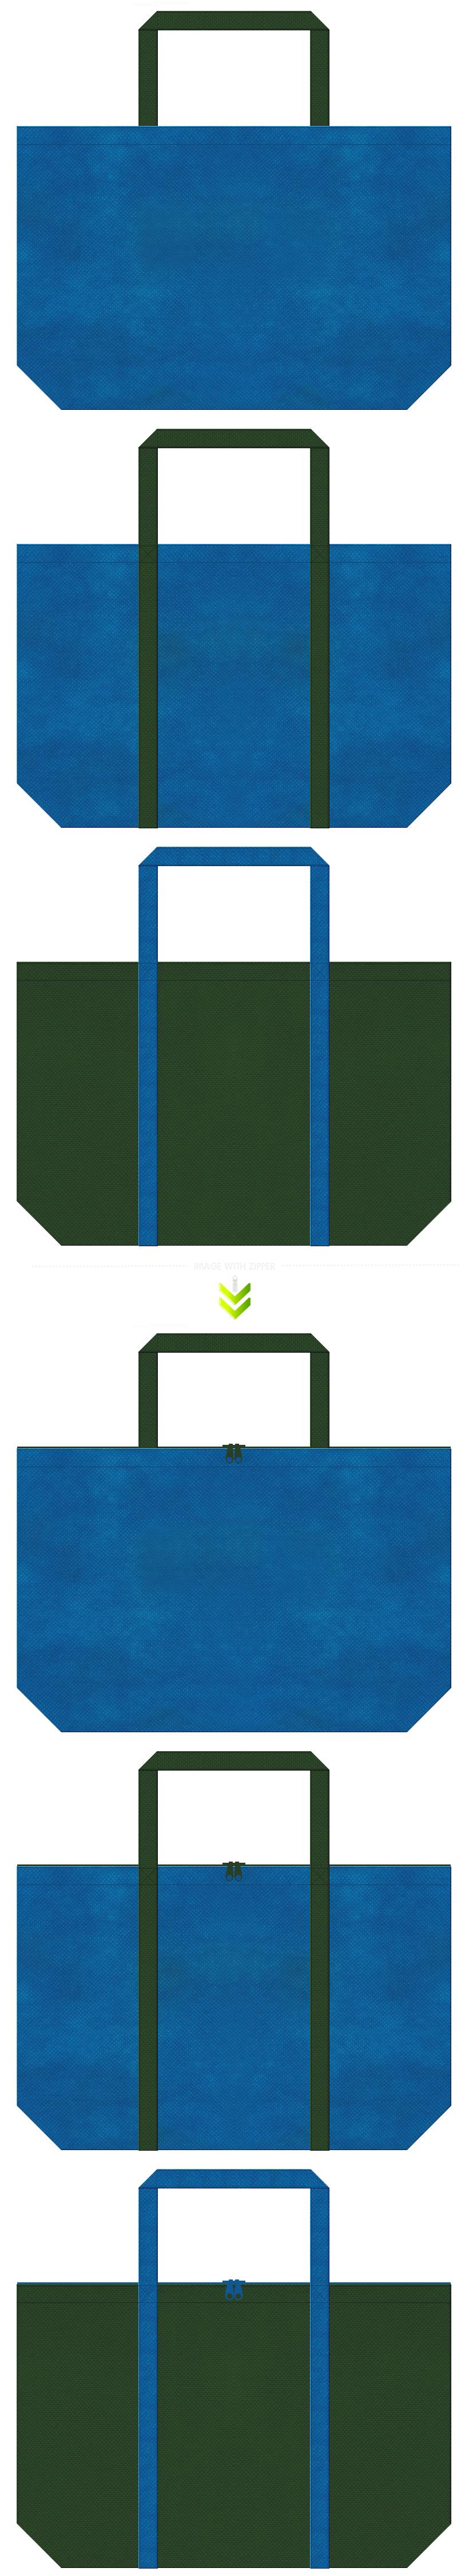 青色と濃緑色の不織布エコバッグデザイン。